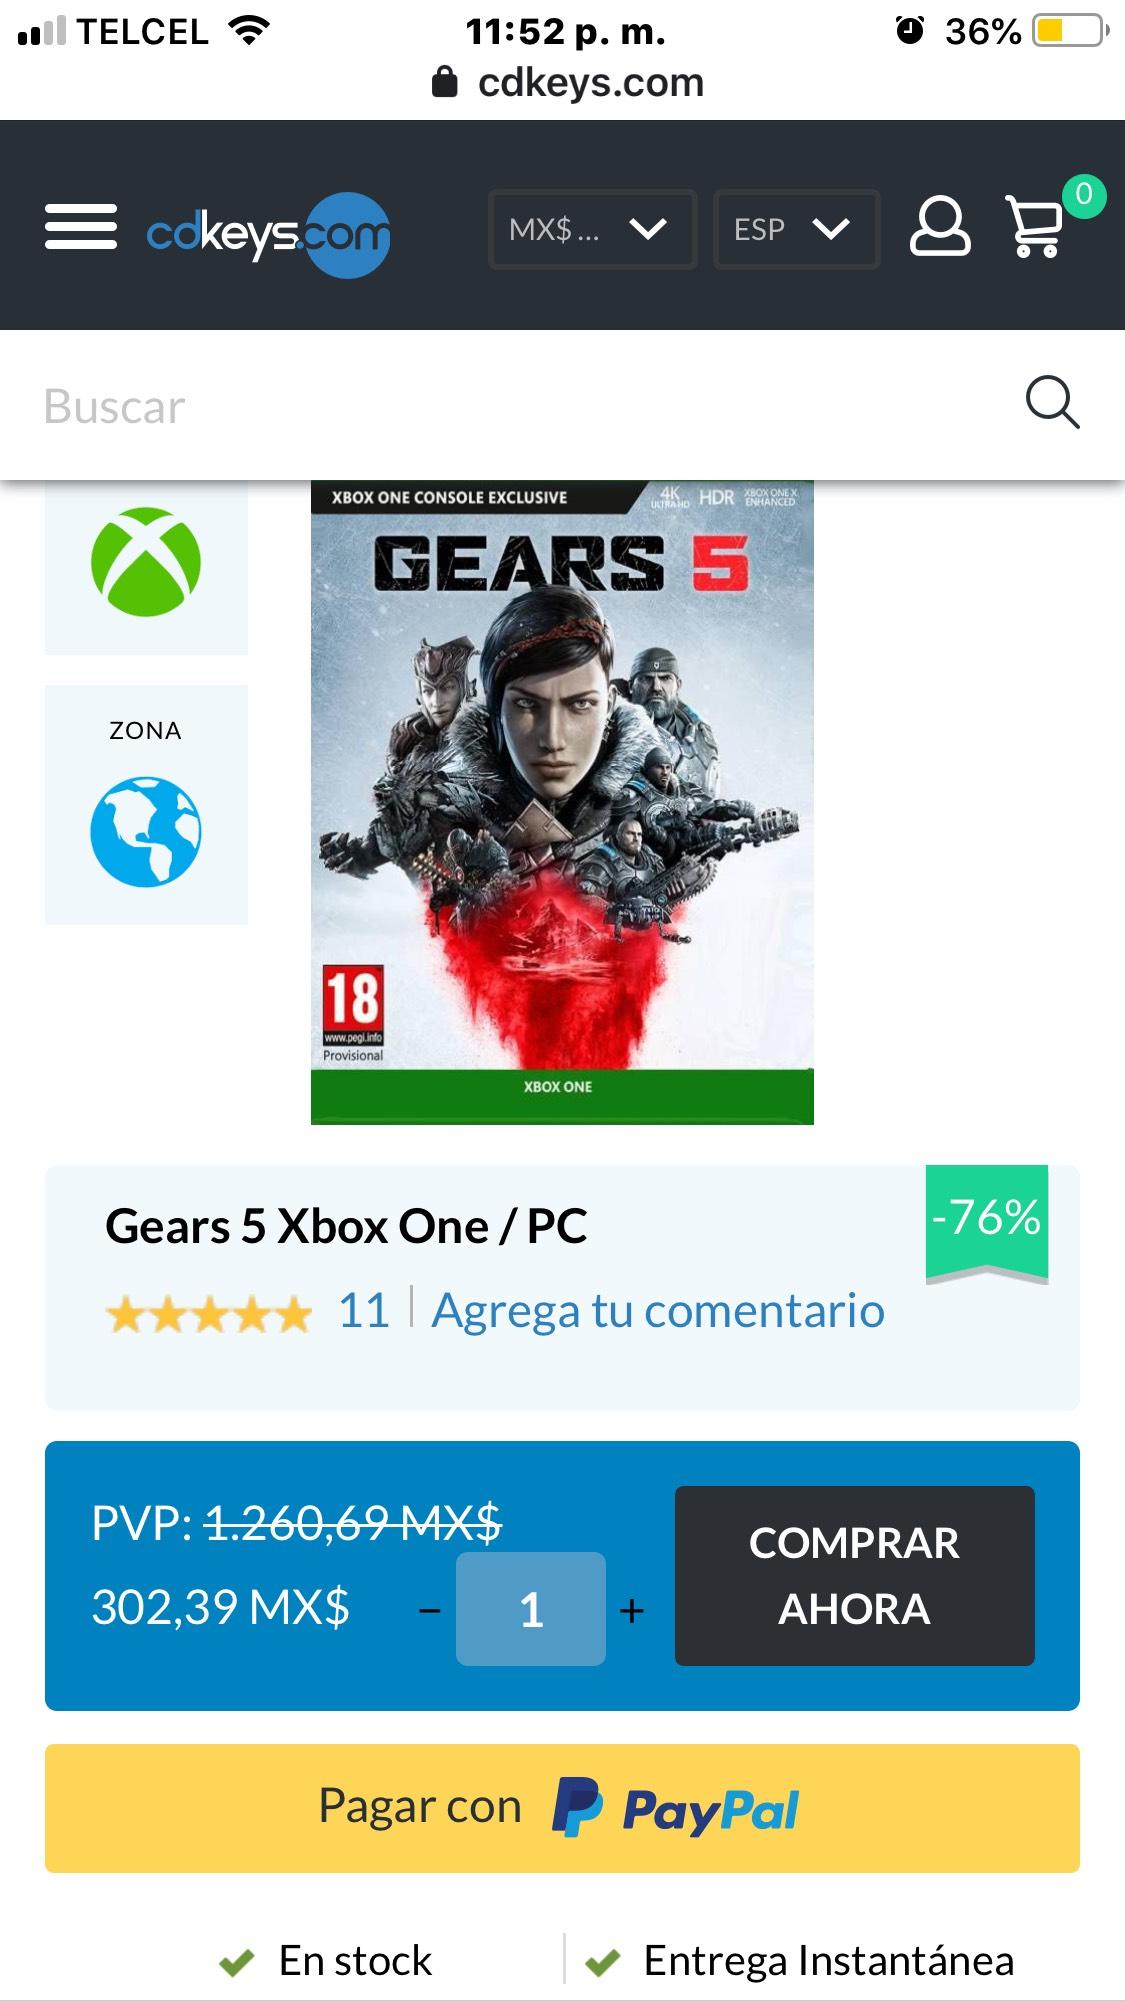 Cdkeys: Gears 5 Xbox one/ Pc